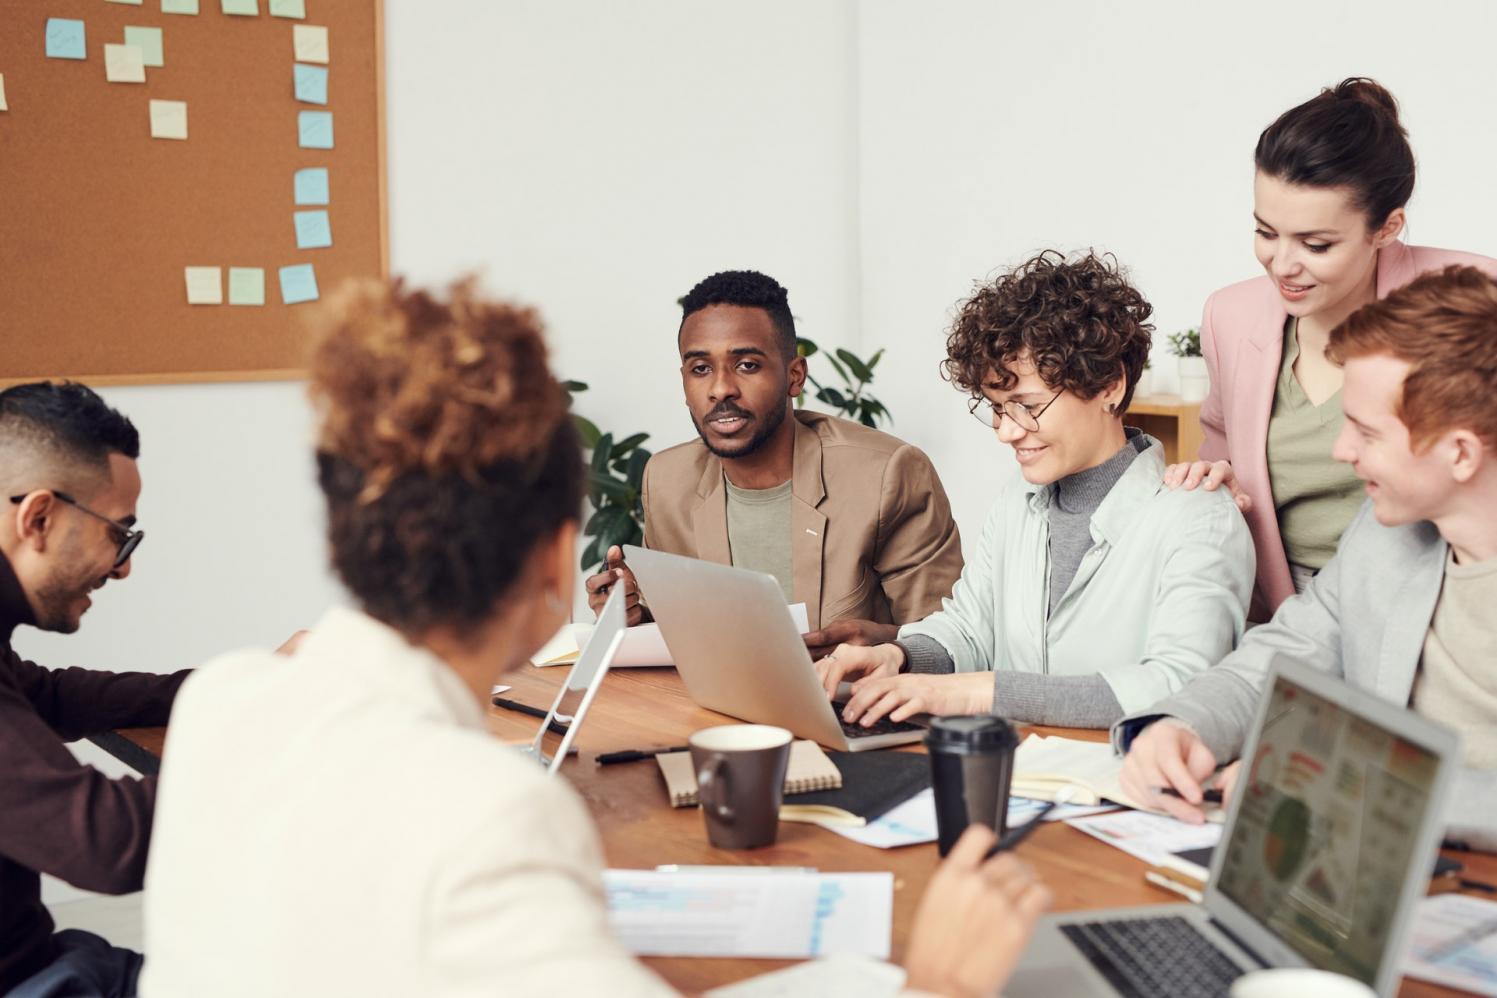 Quais os primeiros passos para criar um negócio próprio?